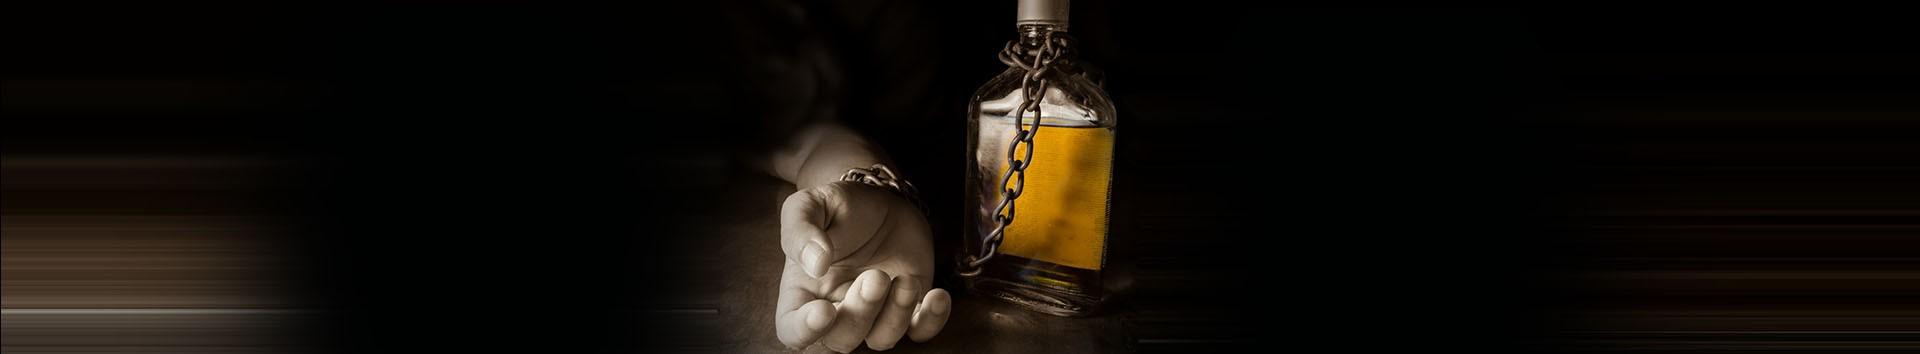 Απεξάρτηση από αλκοόλ